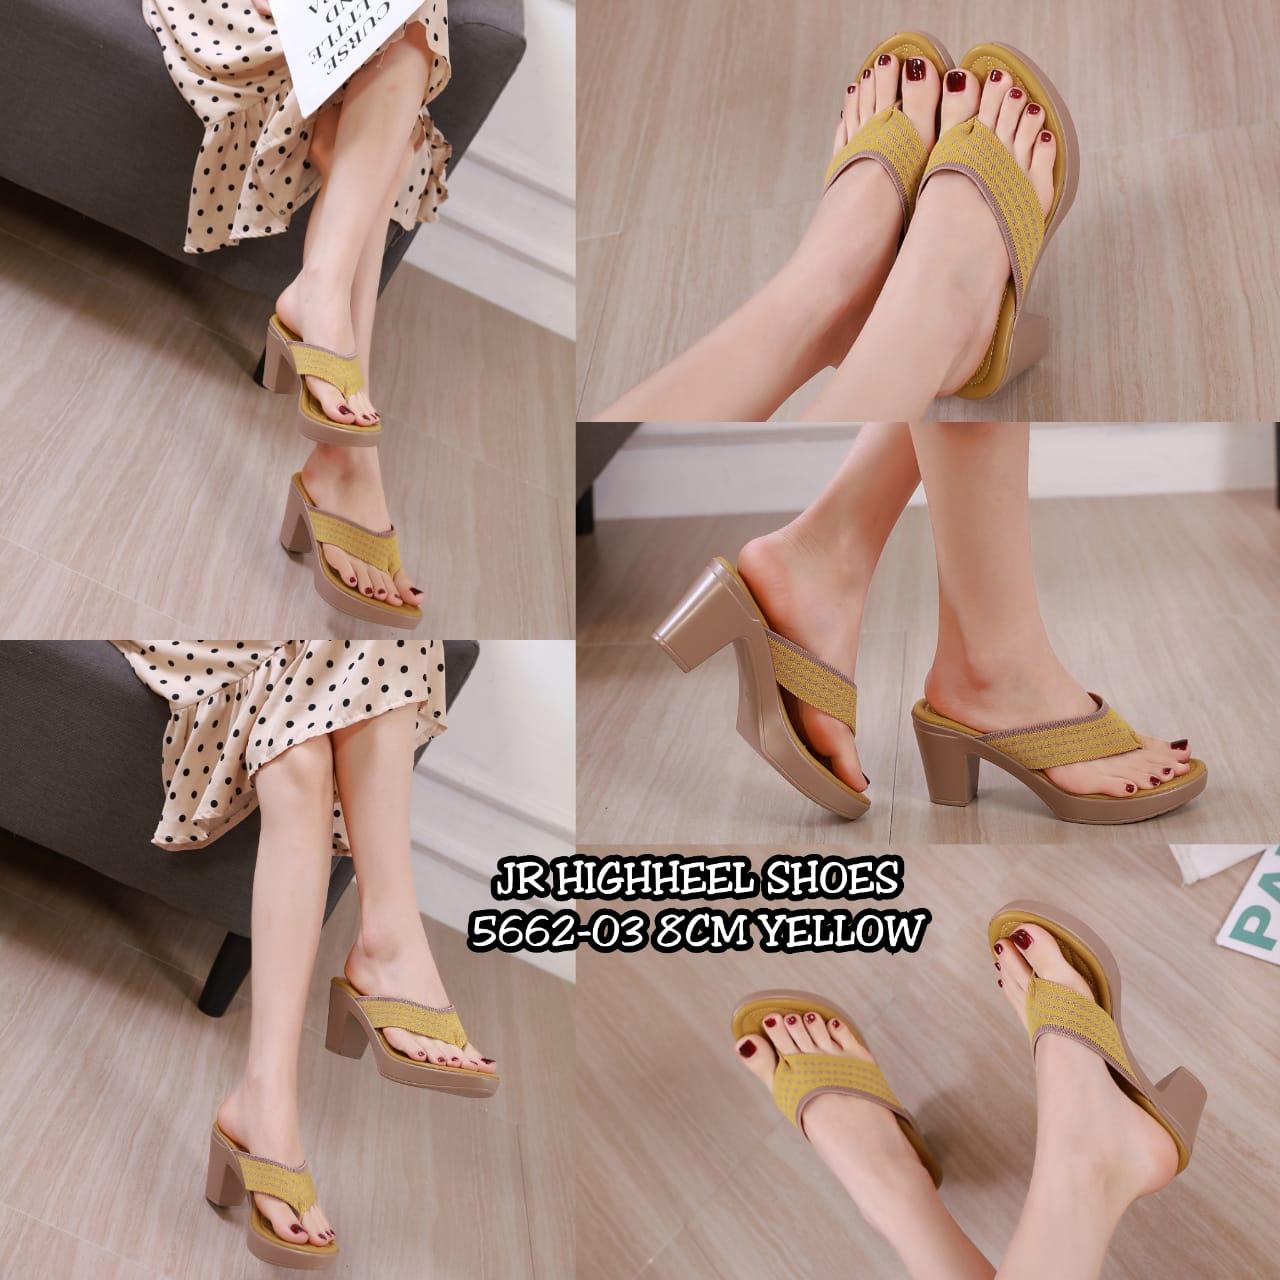 Model sandal terbaru 2020 di indonesia surabaya 5662-03